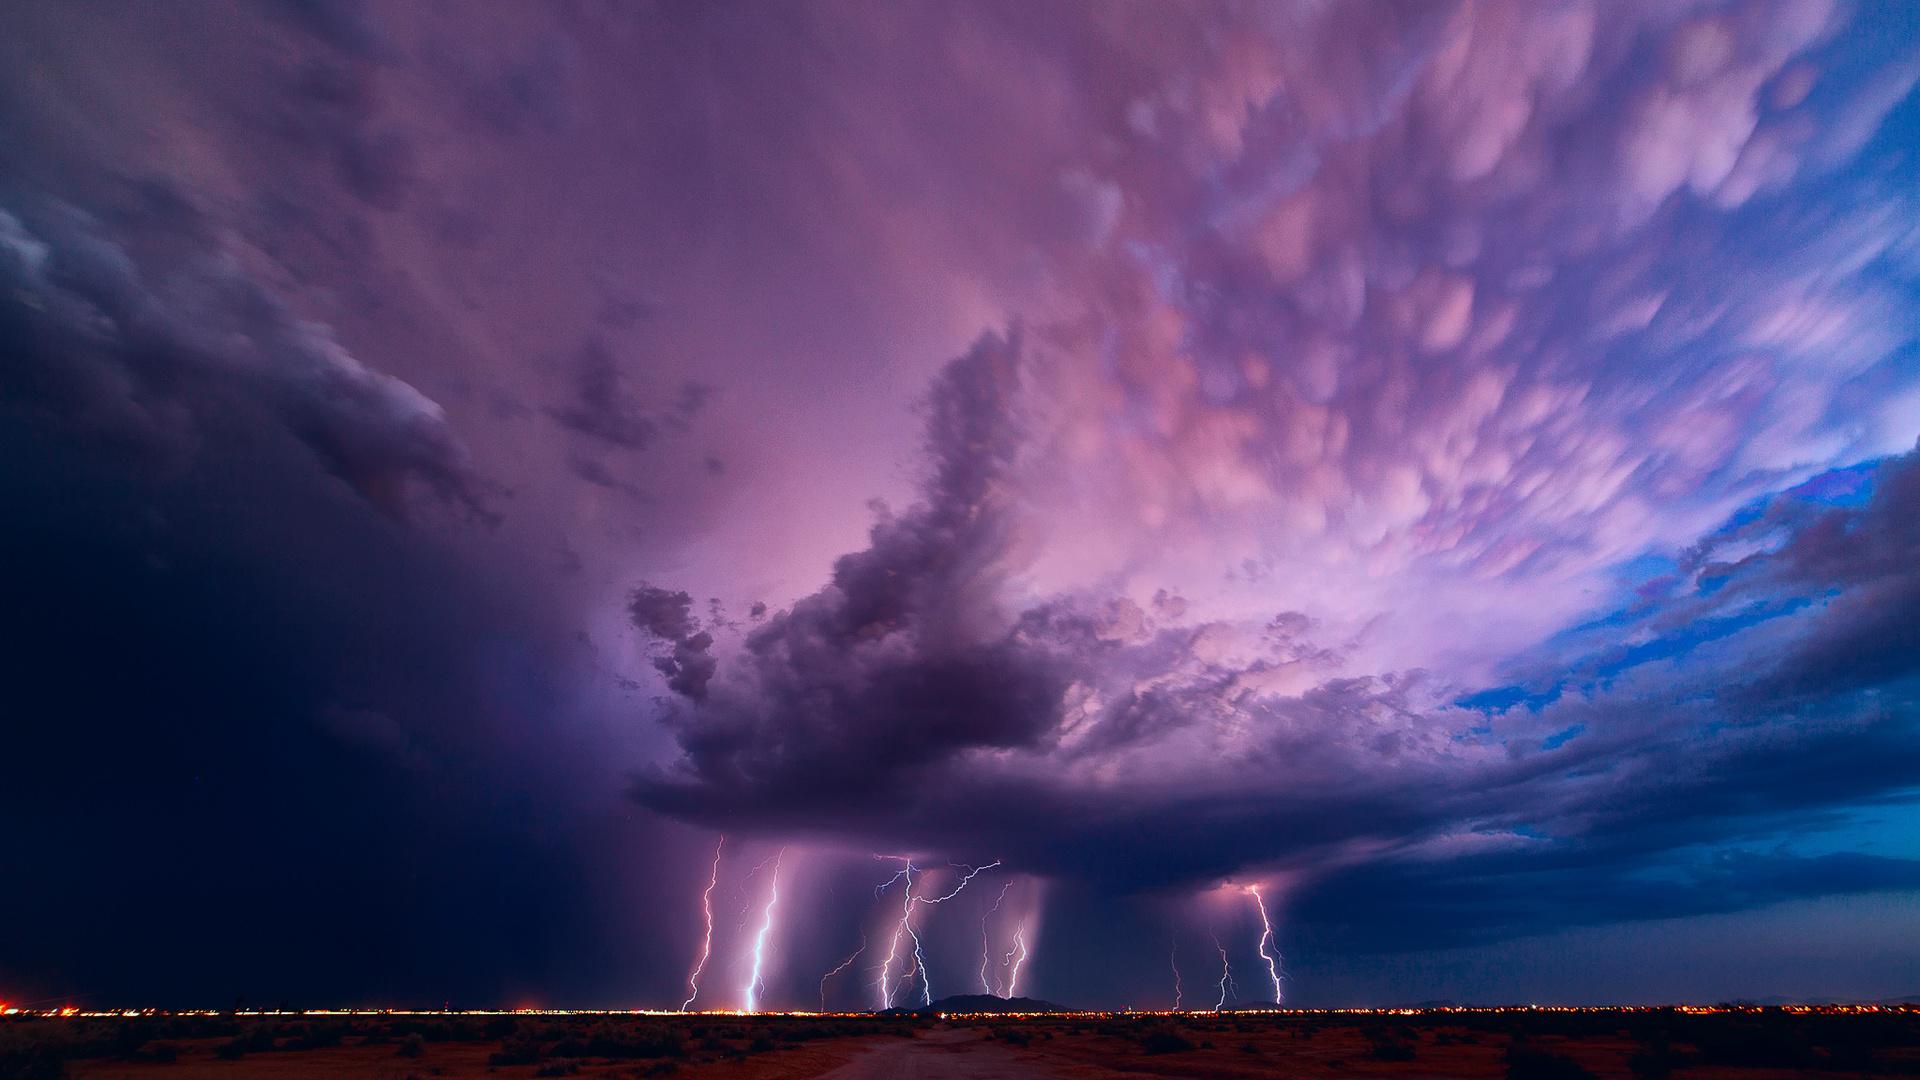 красивые картинки погодных явлений всех повышает голос